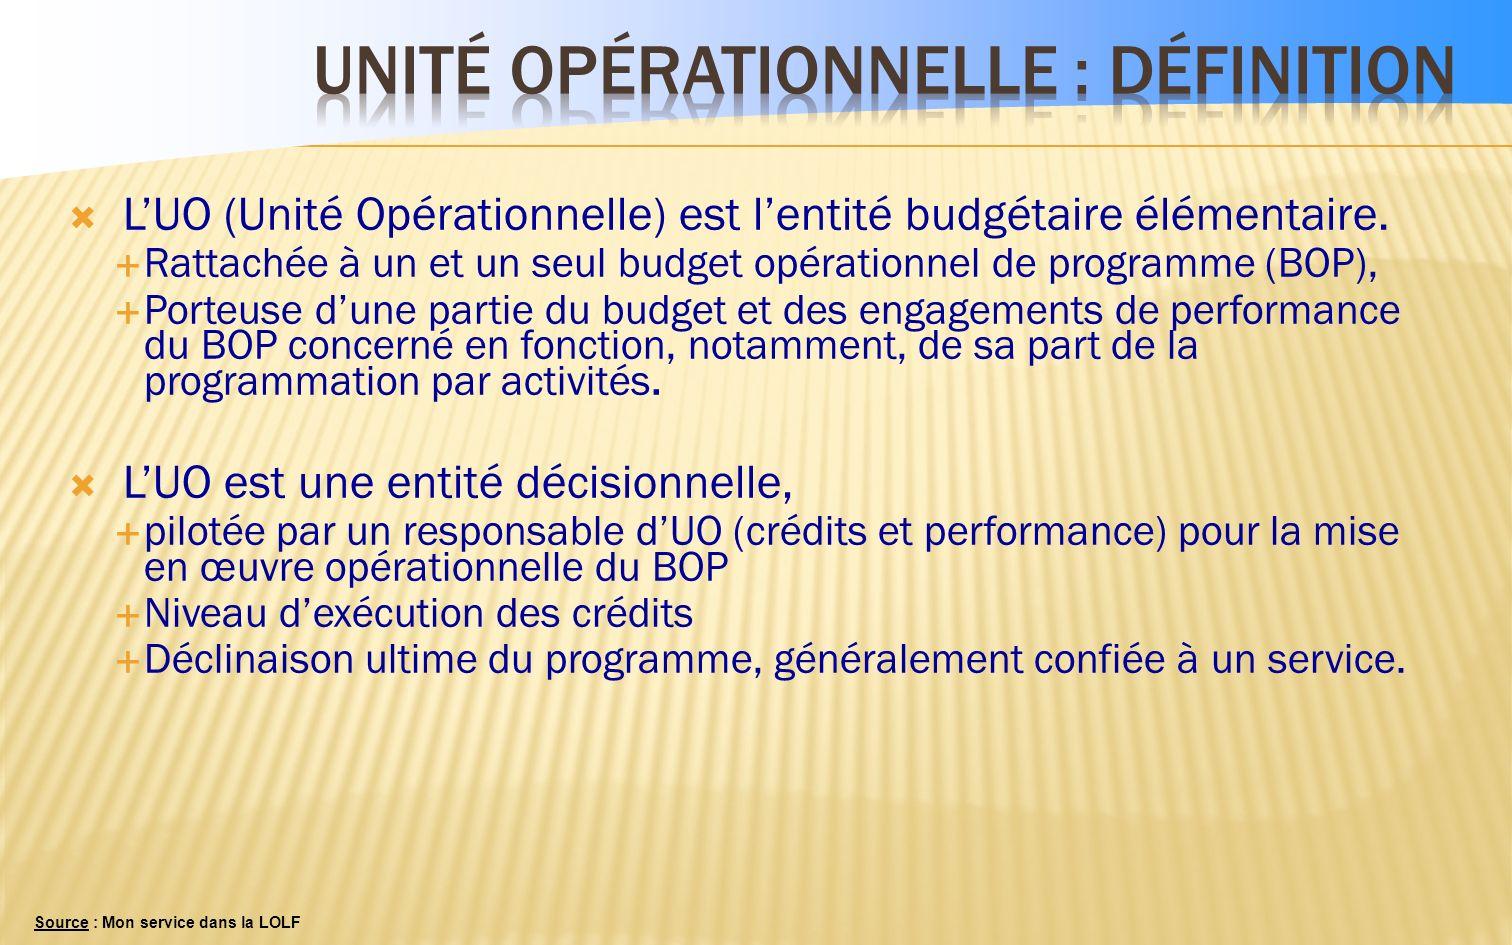 Unité Opérationnelle : définition